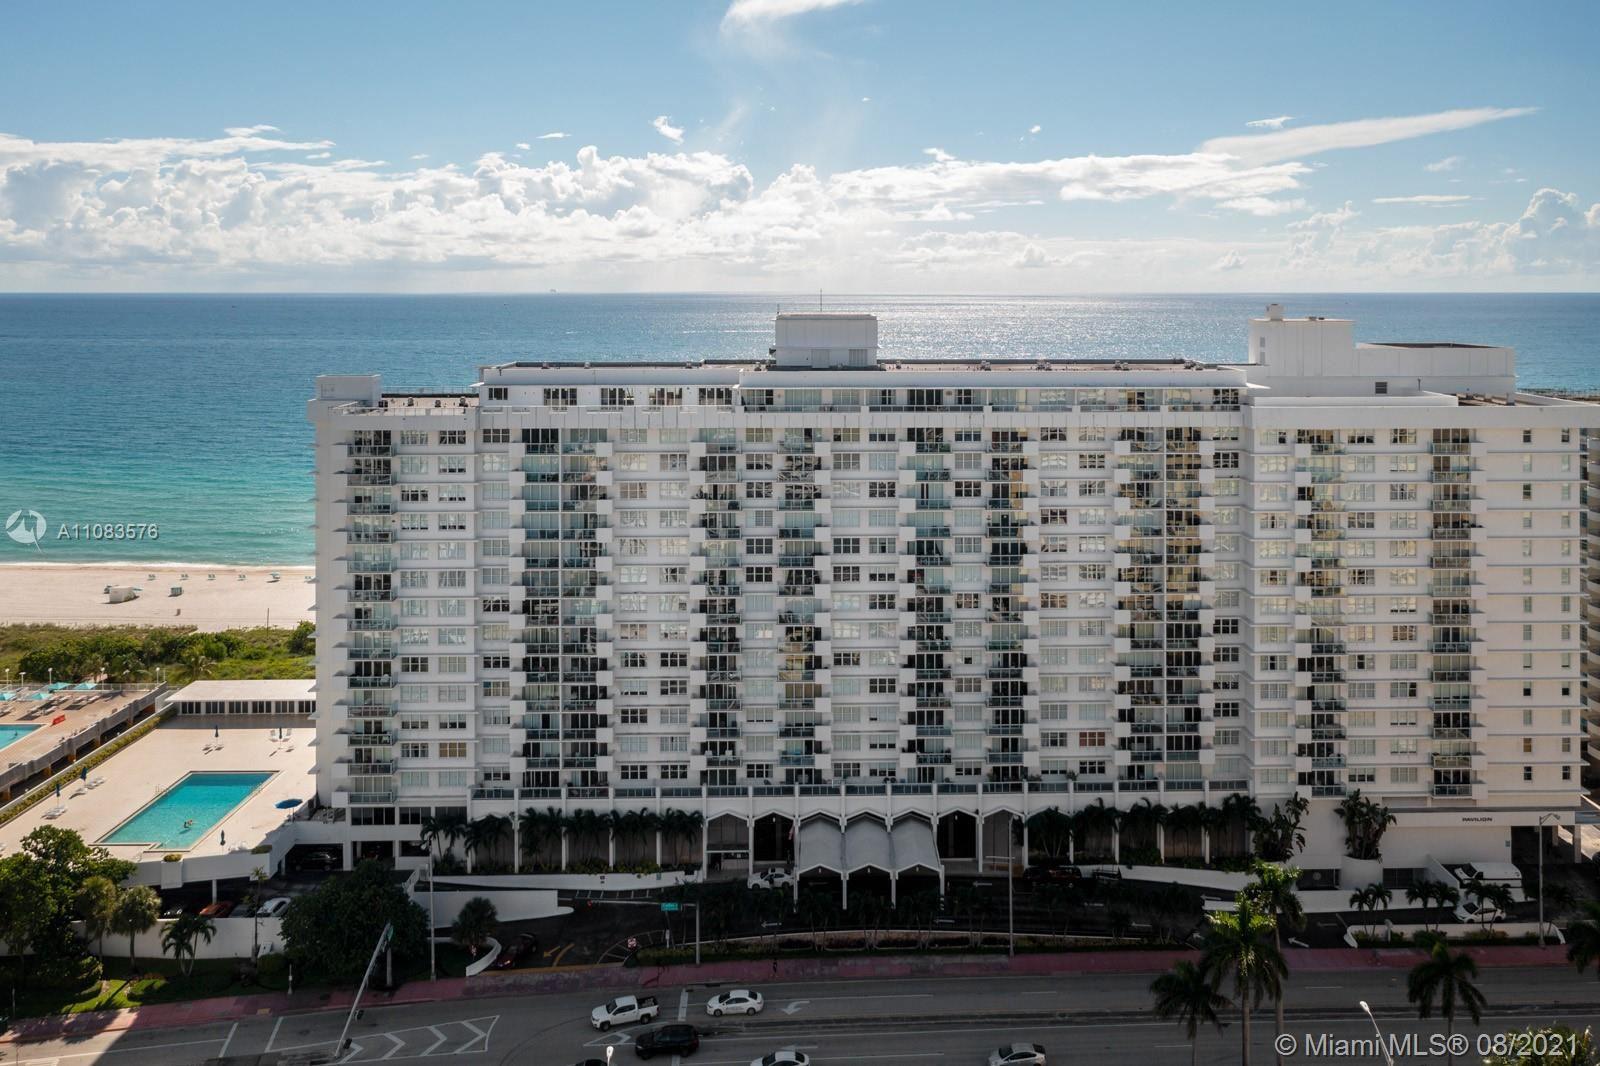 5601 Collins Ave #1521, Miami Beach, FL 33140 - #: A11083576